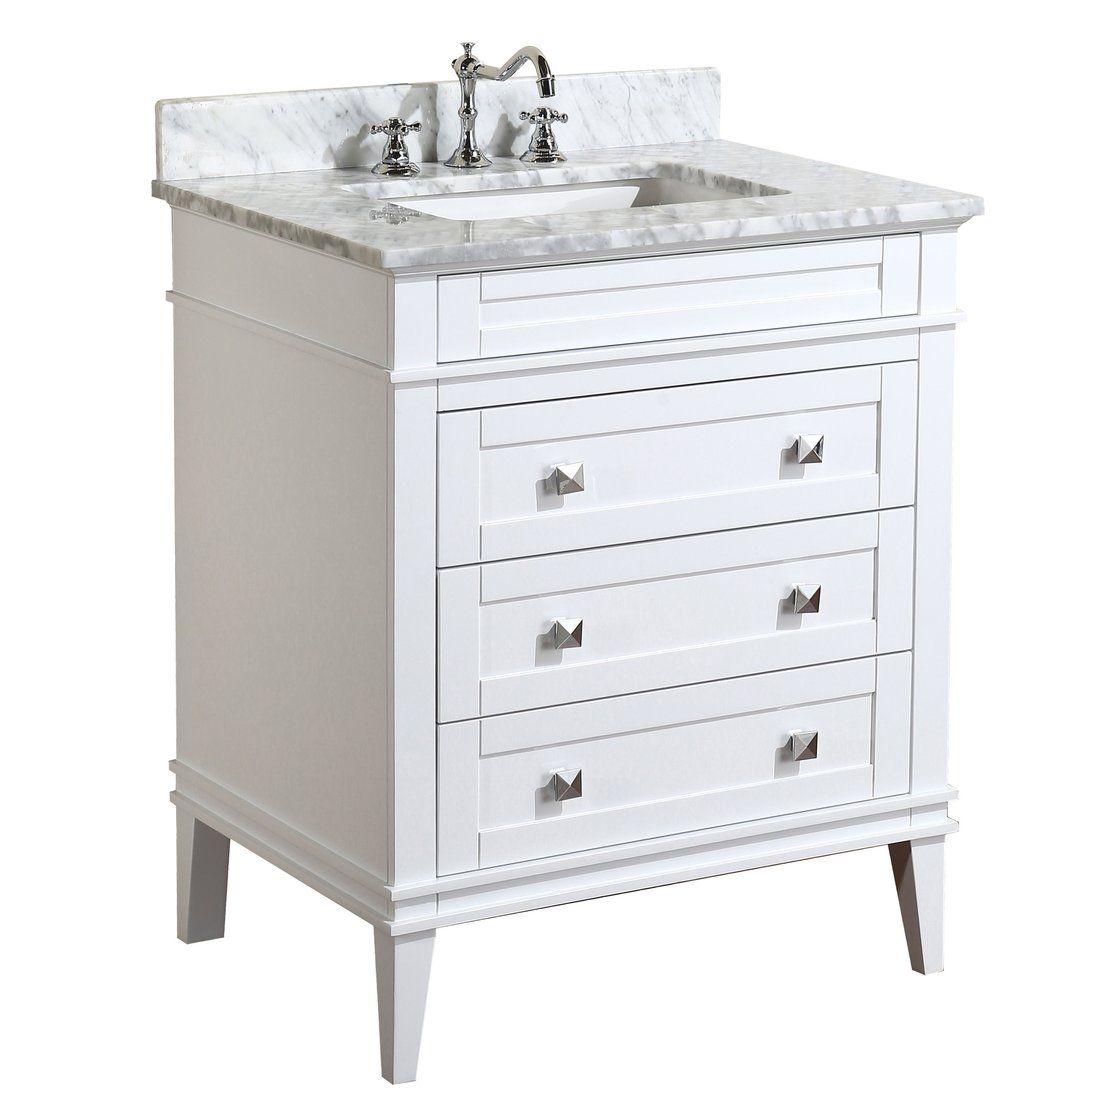 Eleanor 30 Inch Vanity With Carrara Marble Top 30 Inch Bathroom Vanity Single Bathroom Vanity 30 Inch Vanity [ 1120 x 1120 Pixel ]